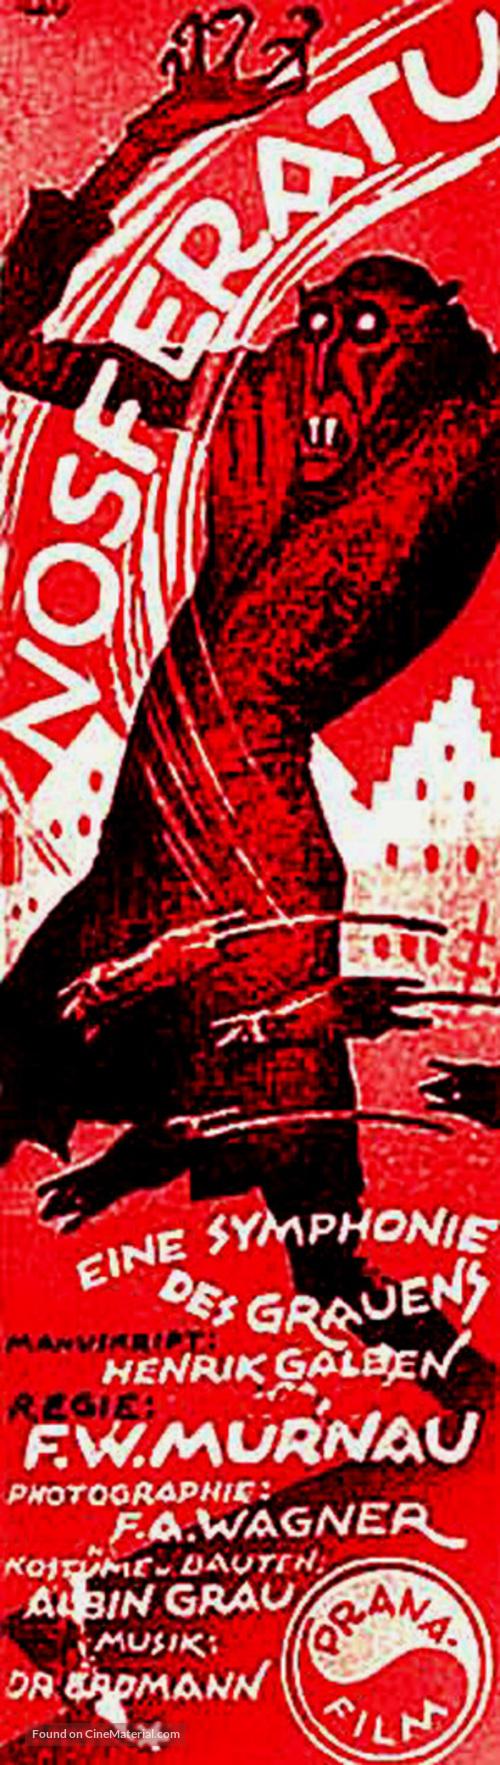 Nosferatu, eine Symphonie des Grauens - German Movie Poster